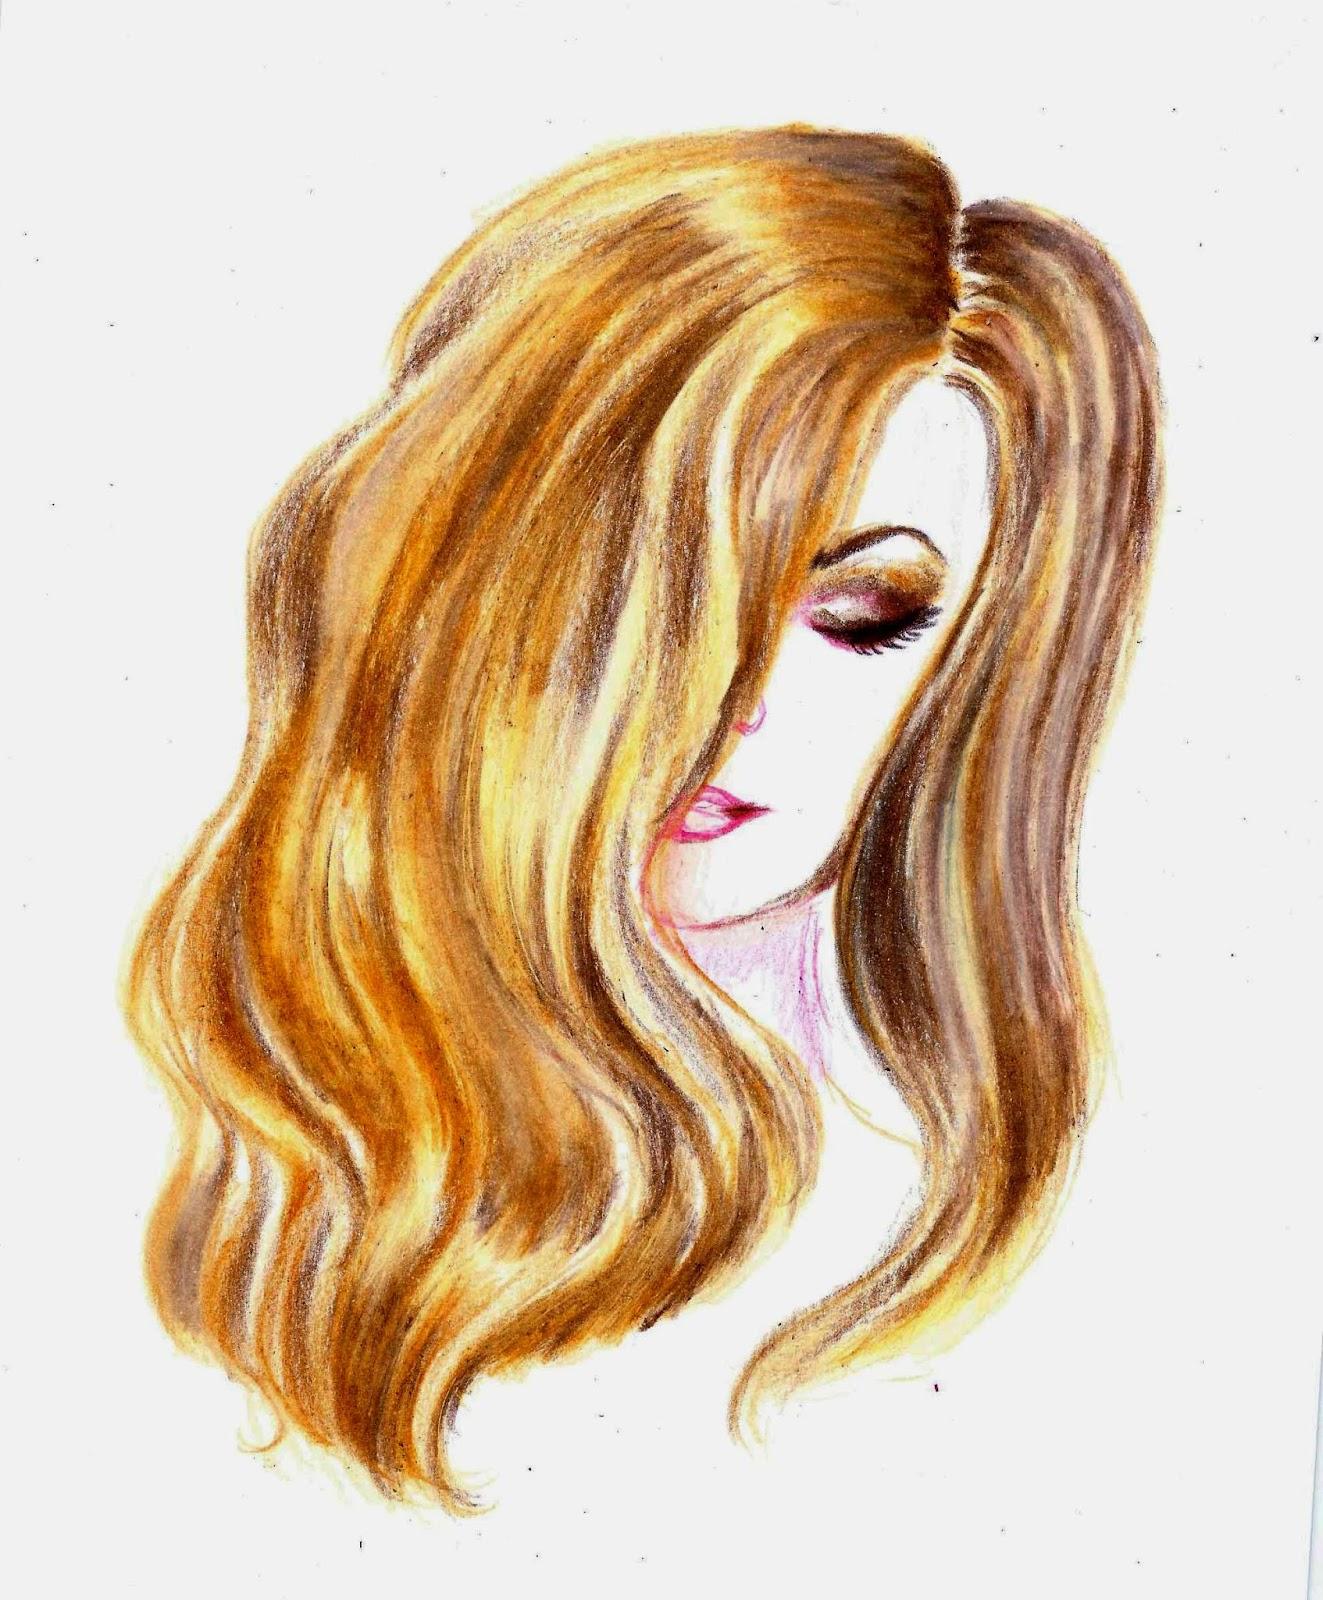 Как цветными карандашами нарисовать волосы